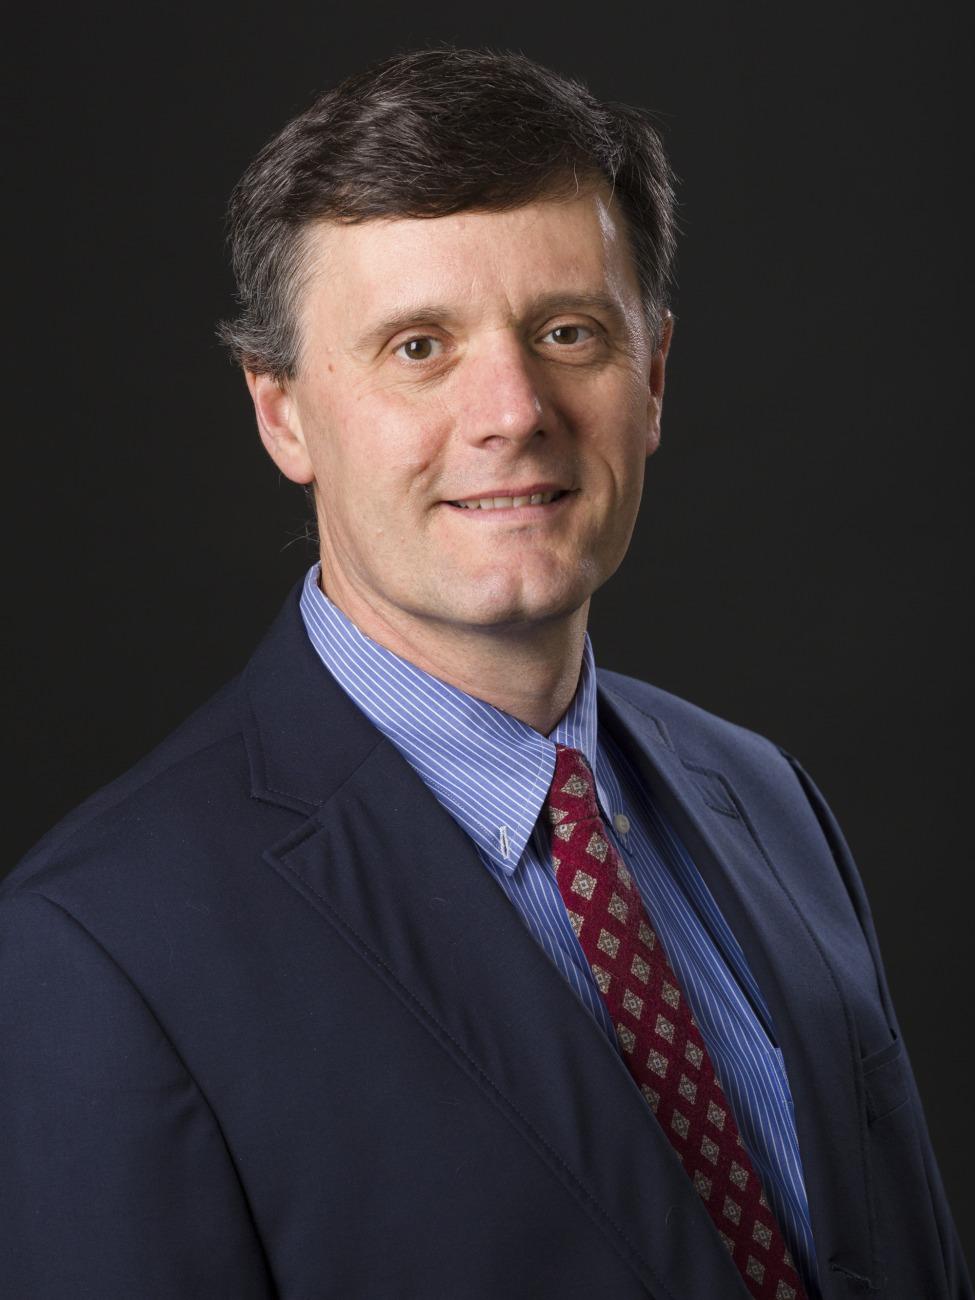 Robert Beech